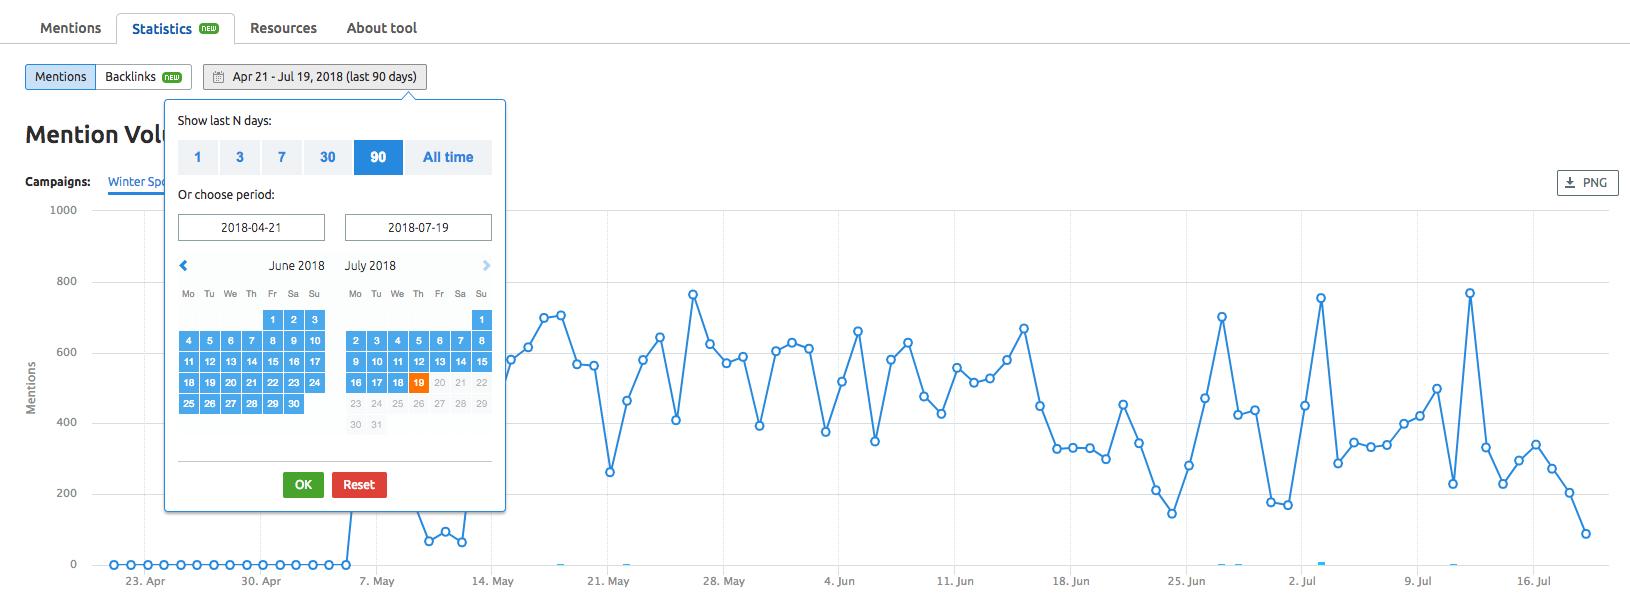 Measuring Brand Monitoring Statistics image 1